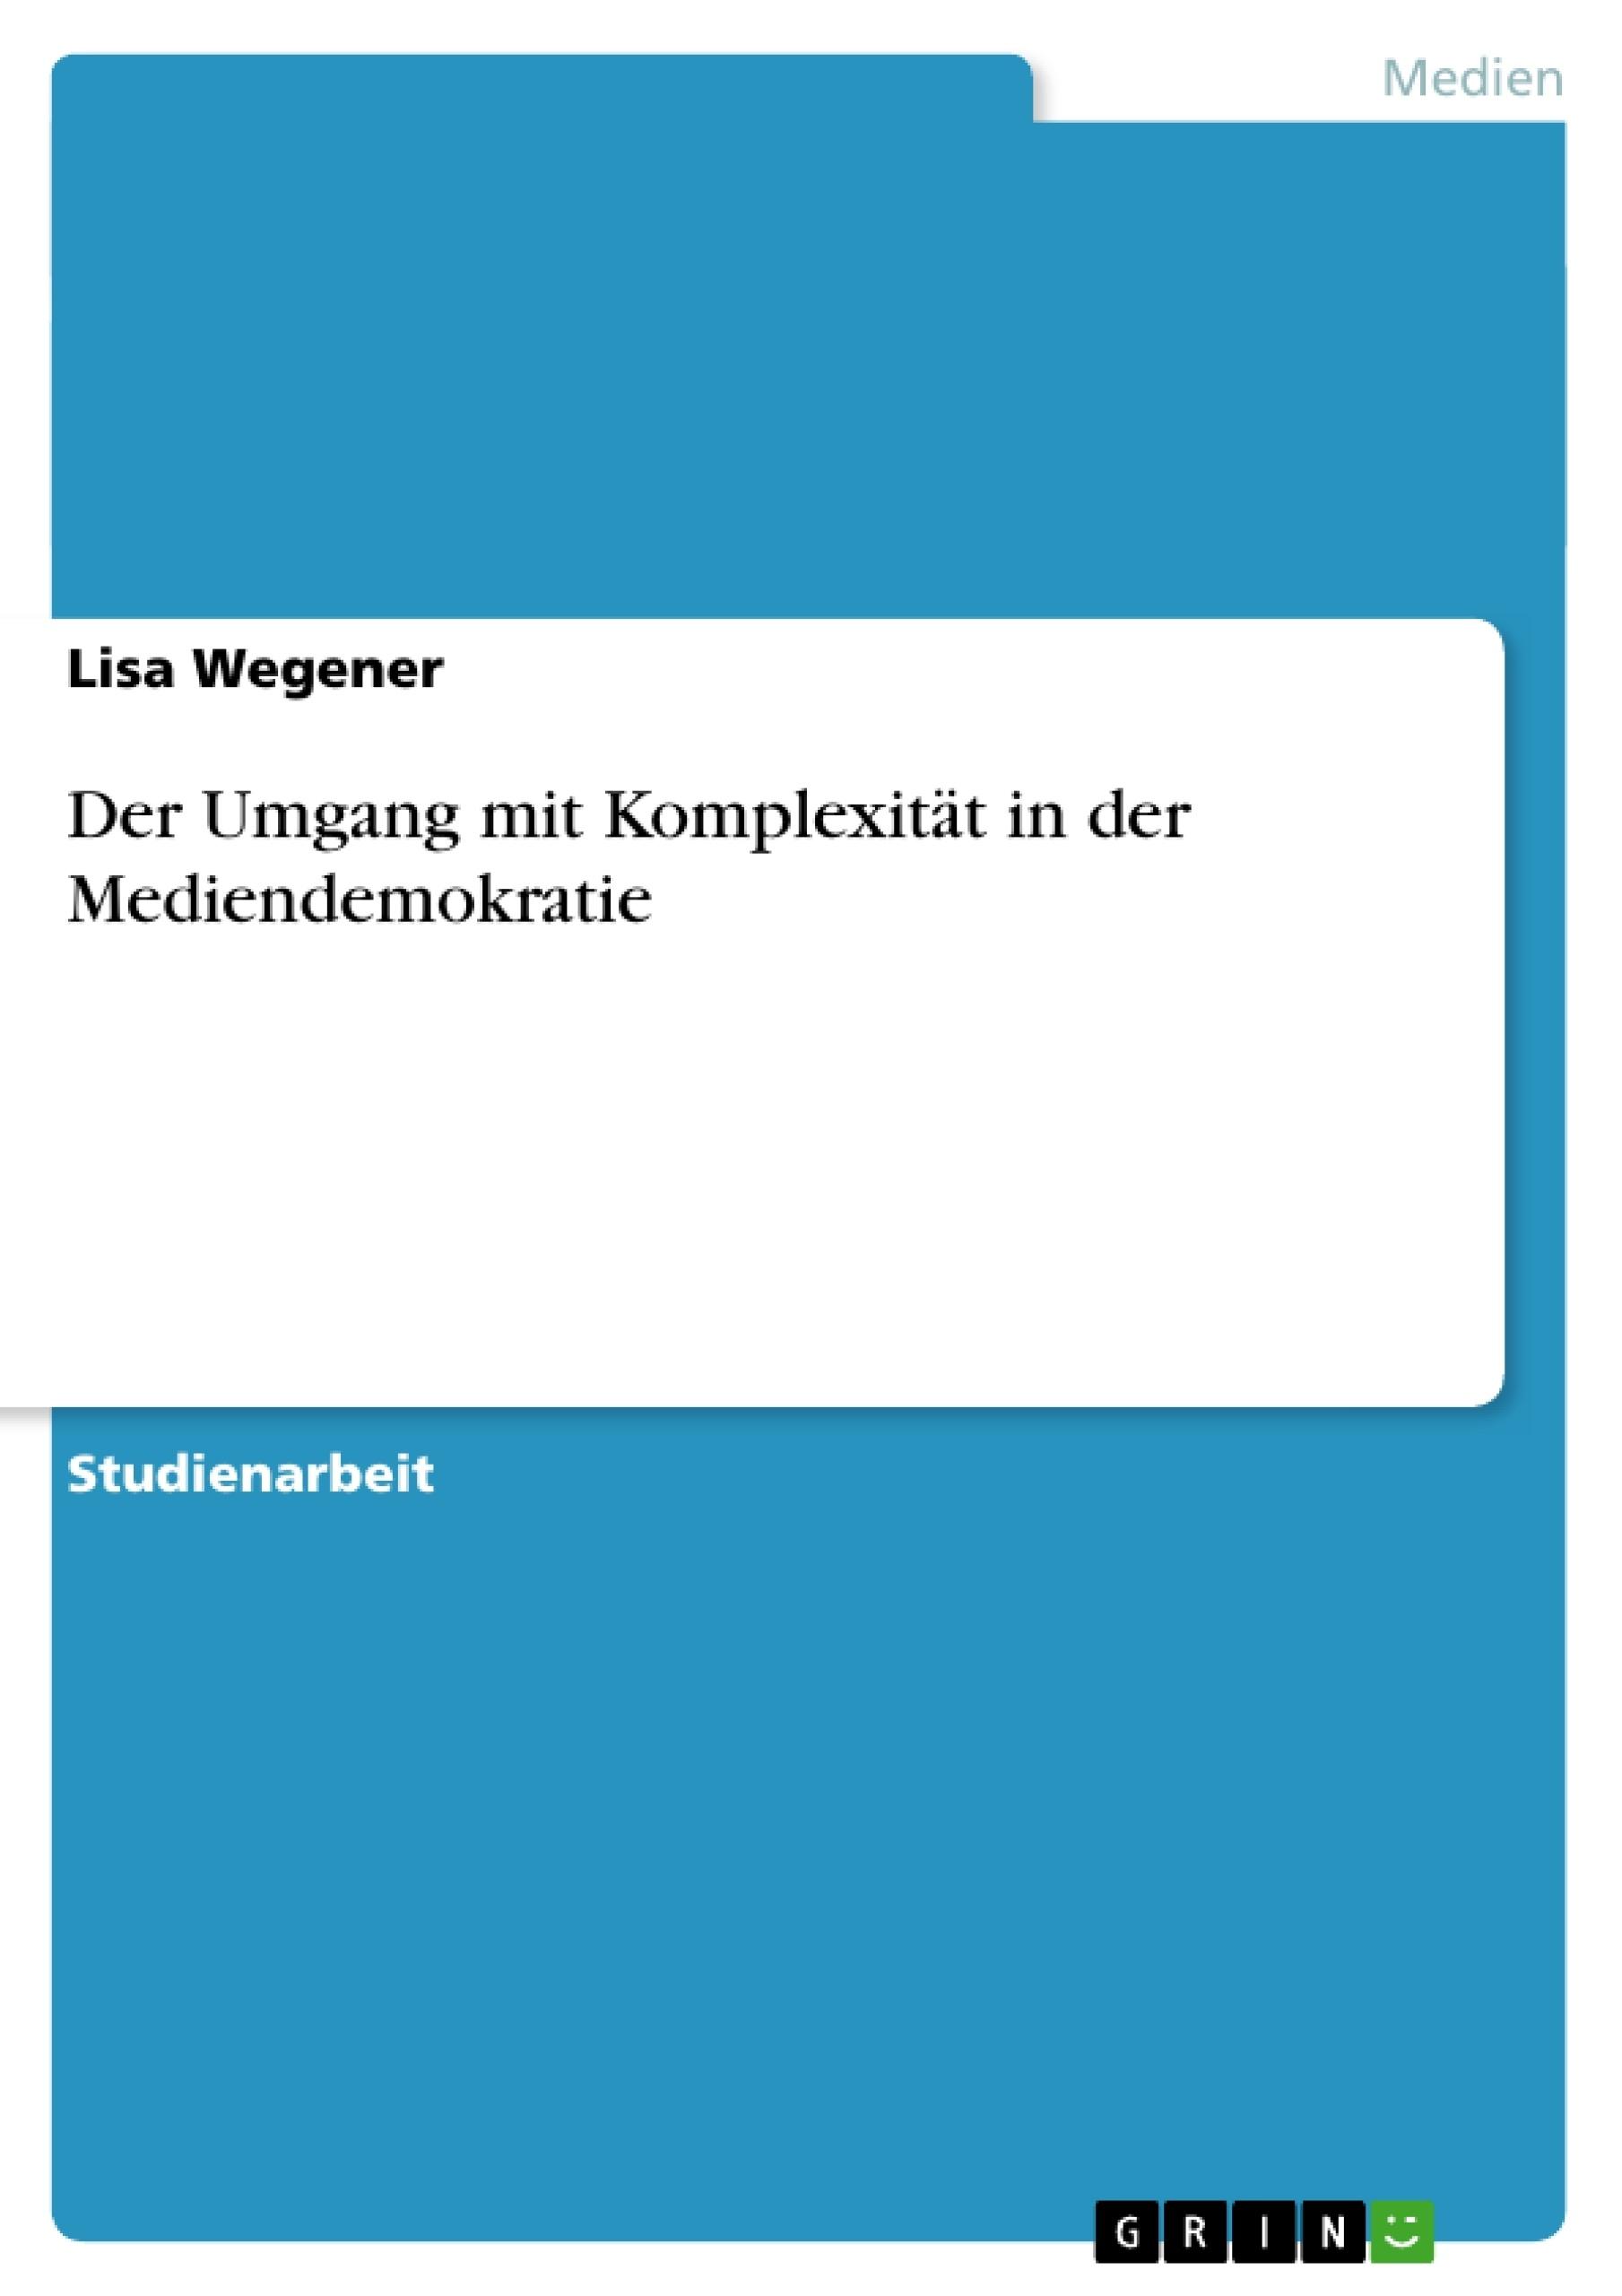 Titel: Der Umgang mit Komplexität in der Mediendemokratie